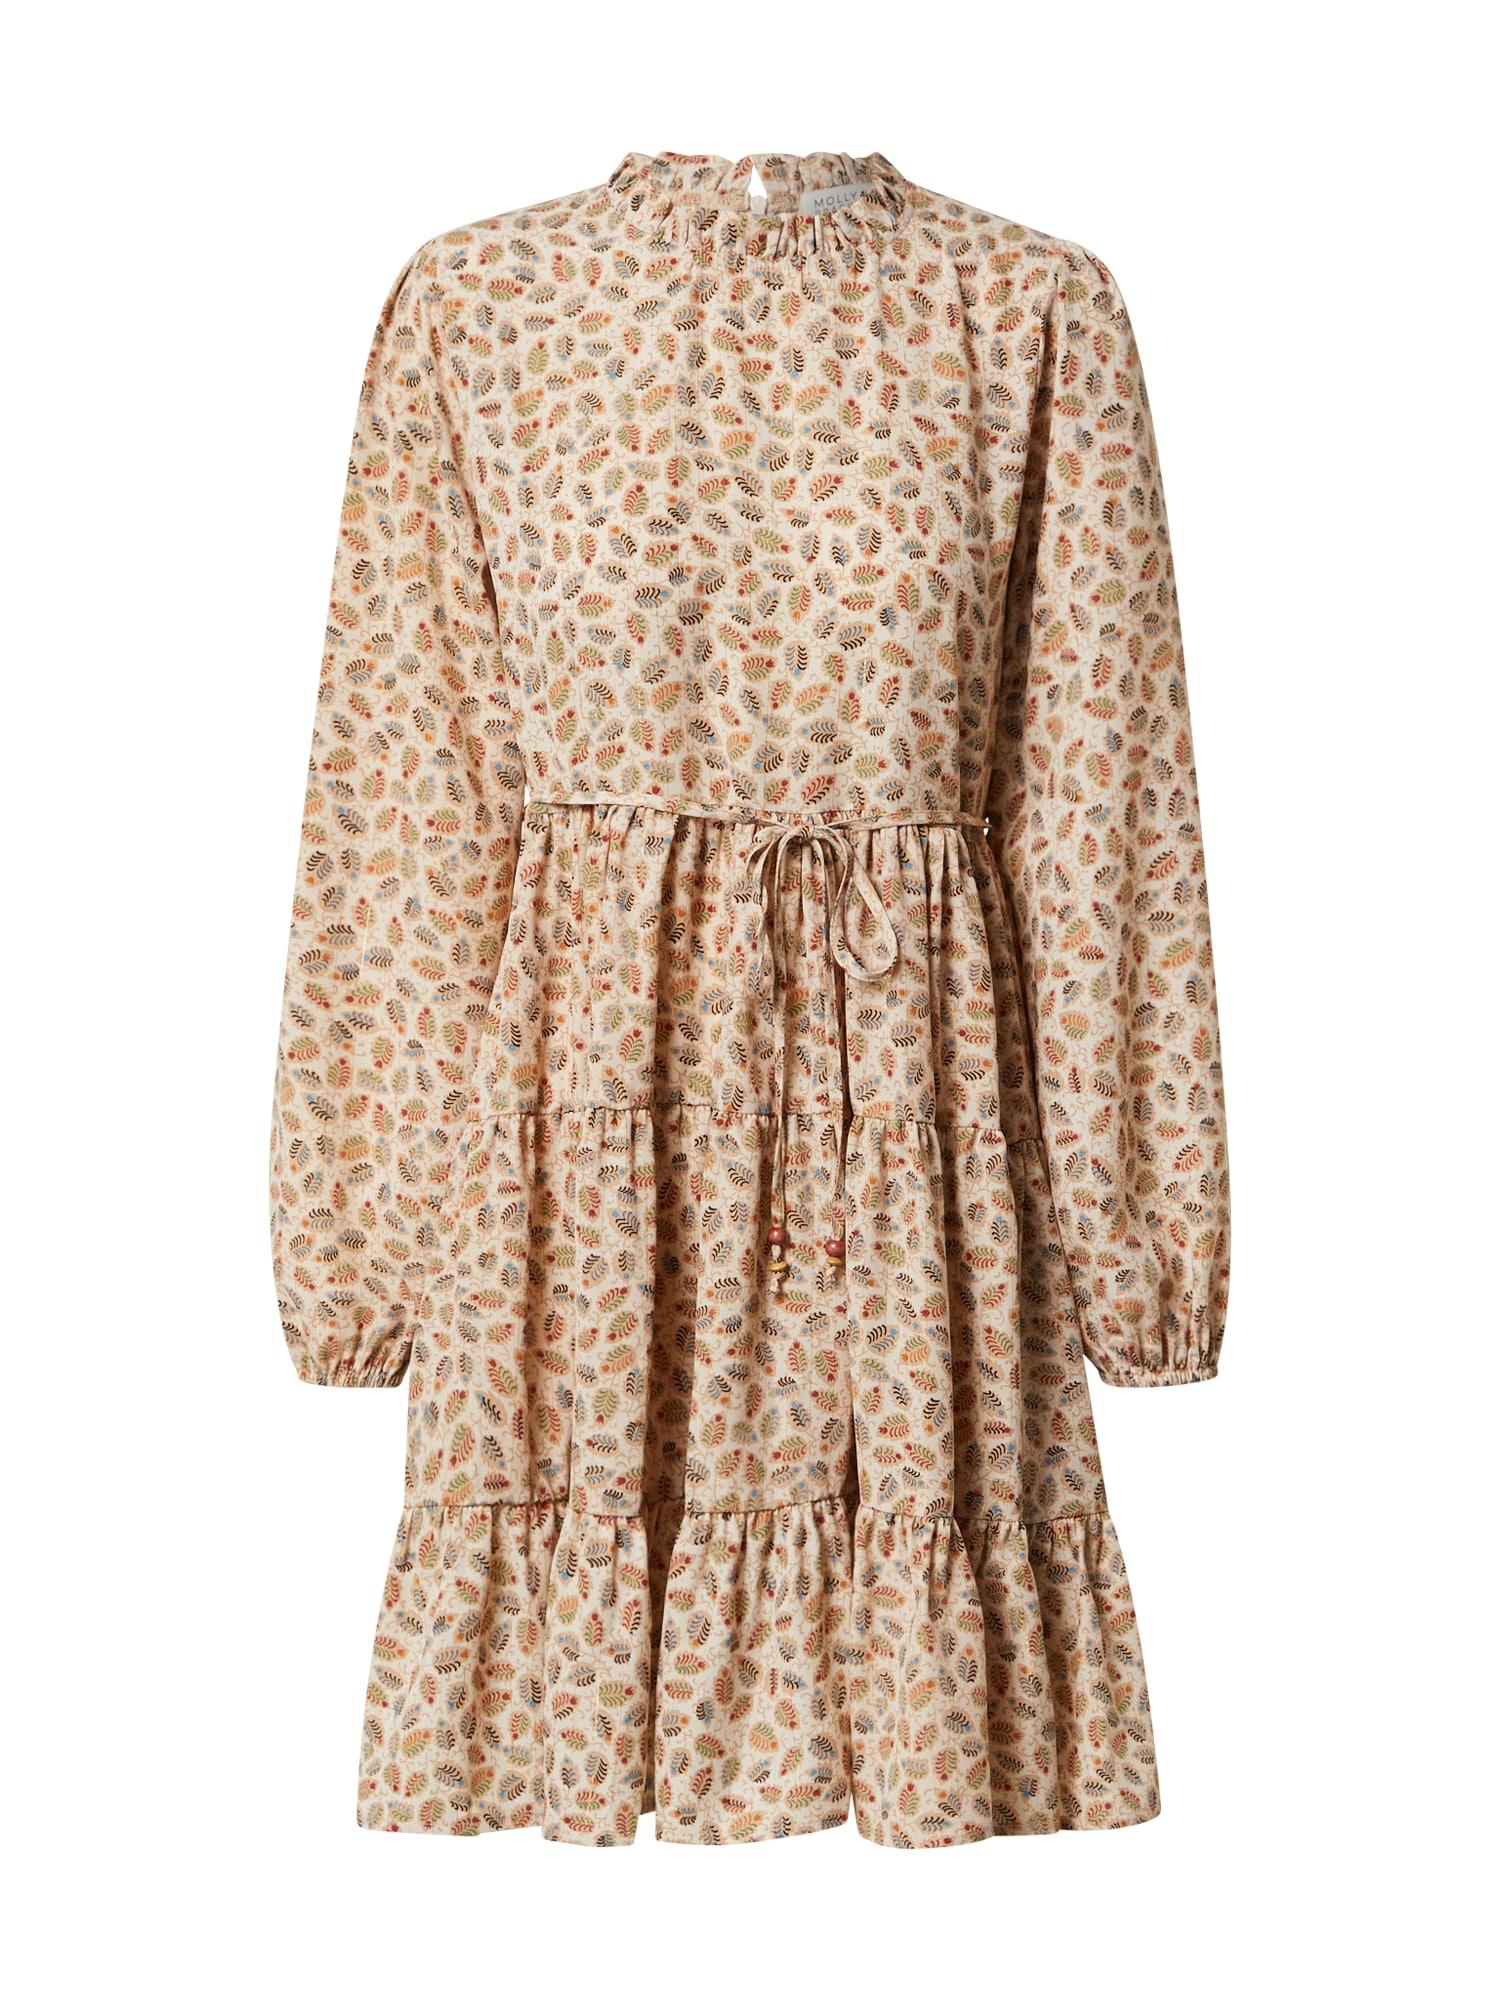 Molly BRACKEN Suknelė kremo / mišrios spalvos